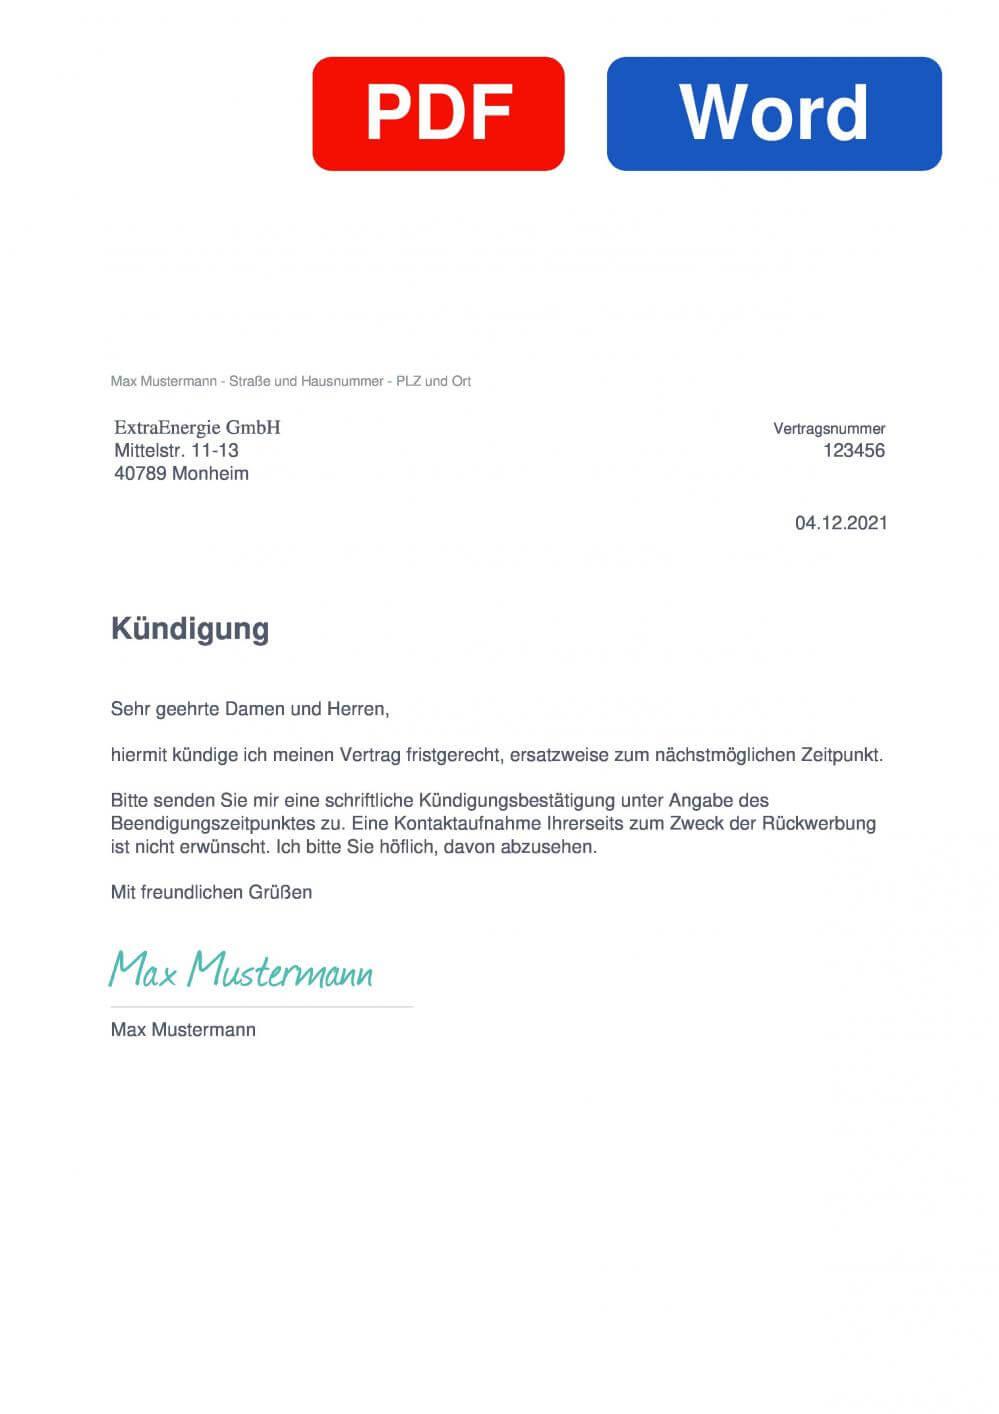 priogas Muster Vorlage für Kündigungsschreiben